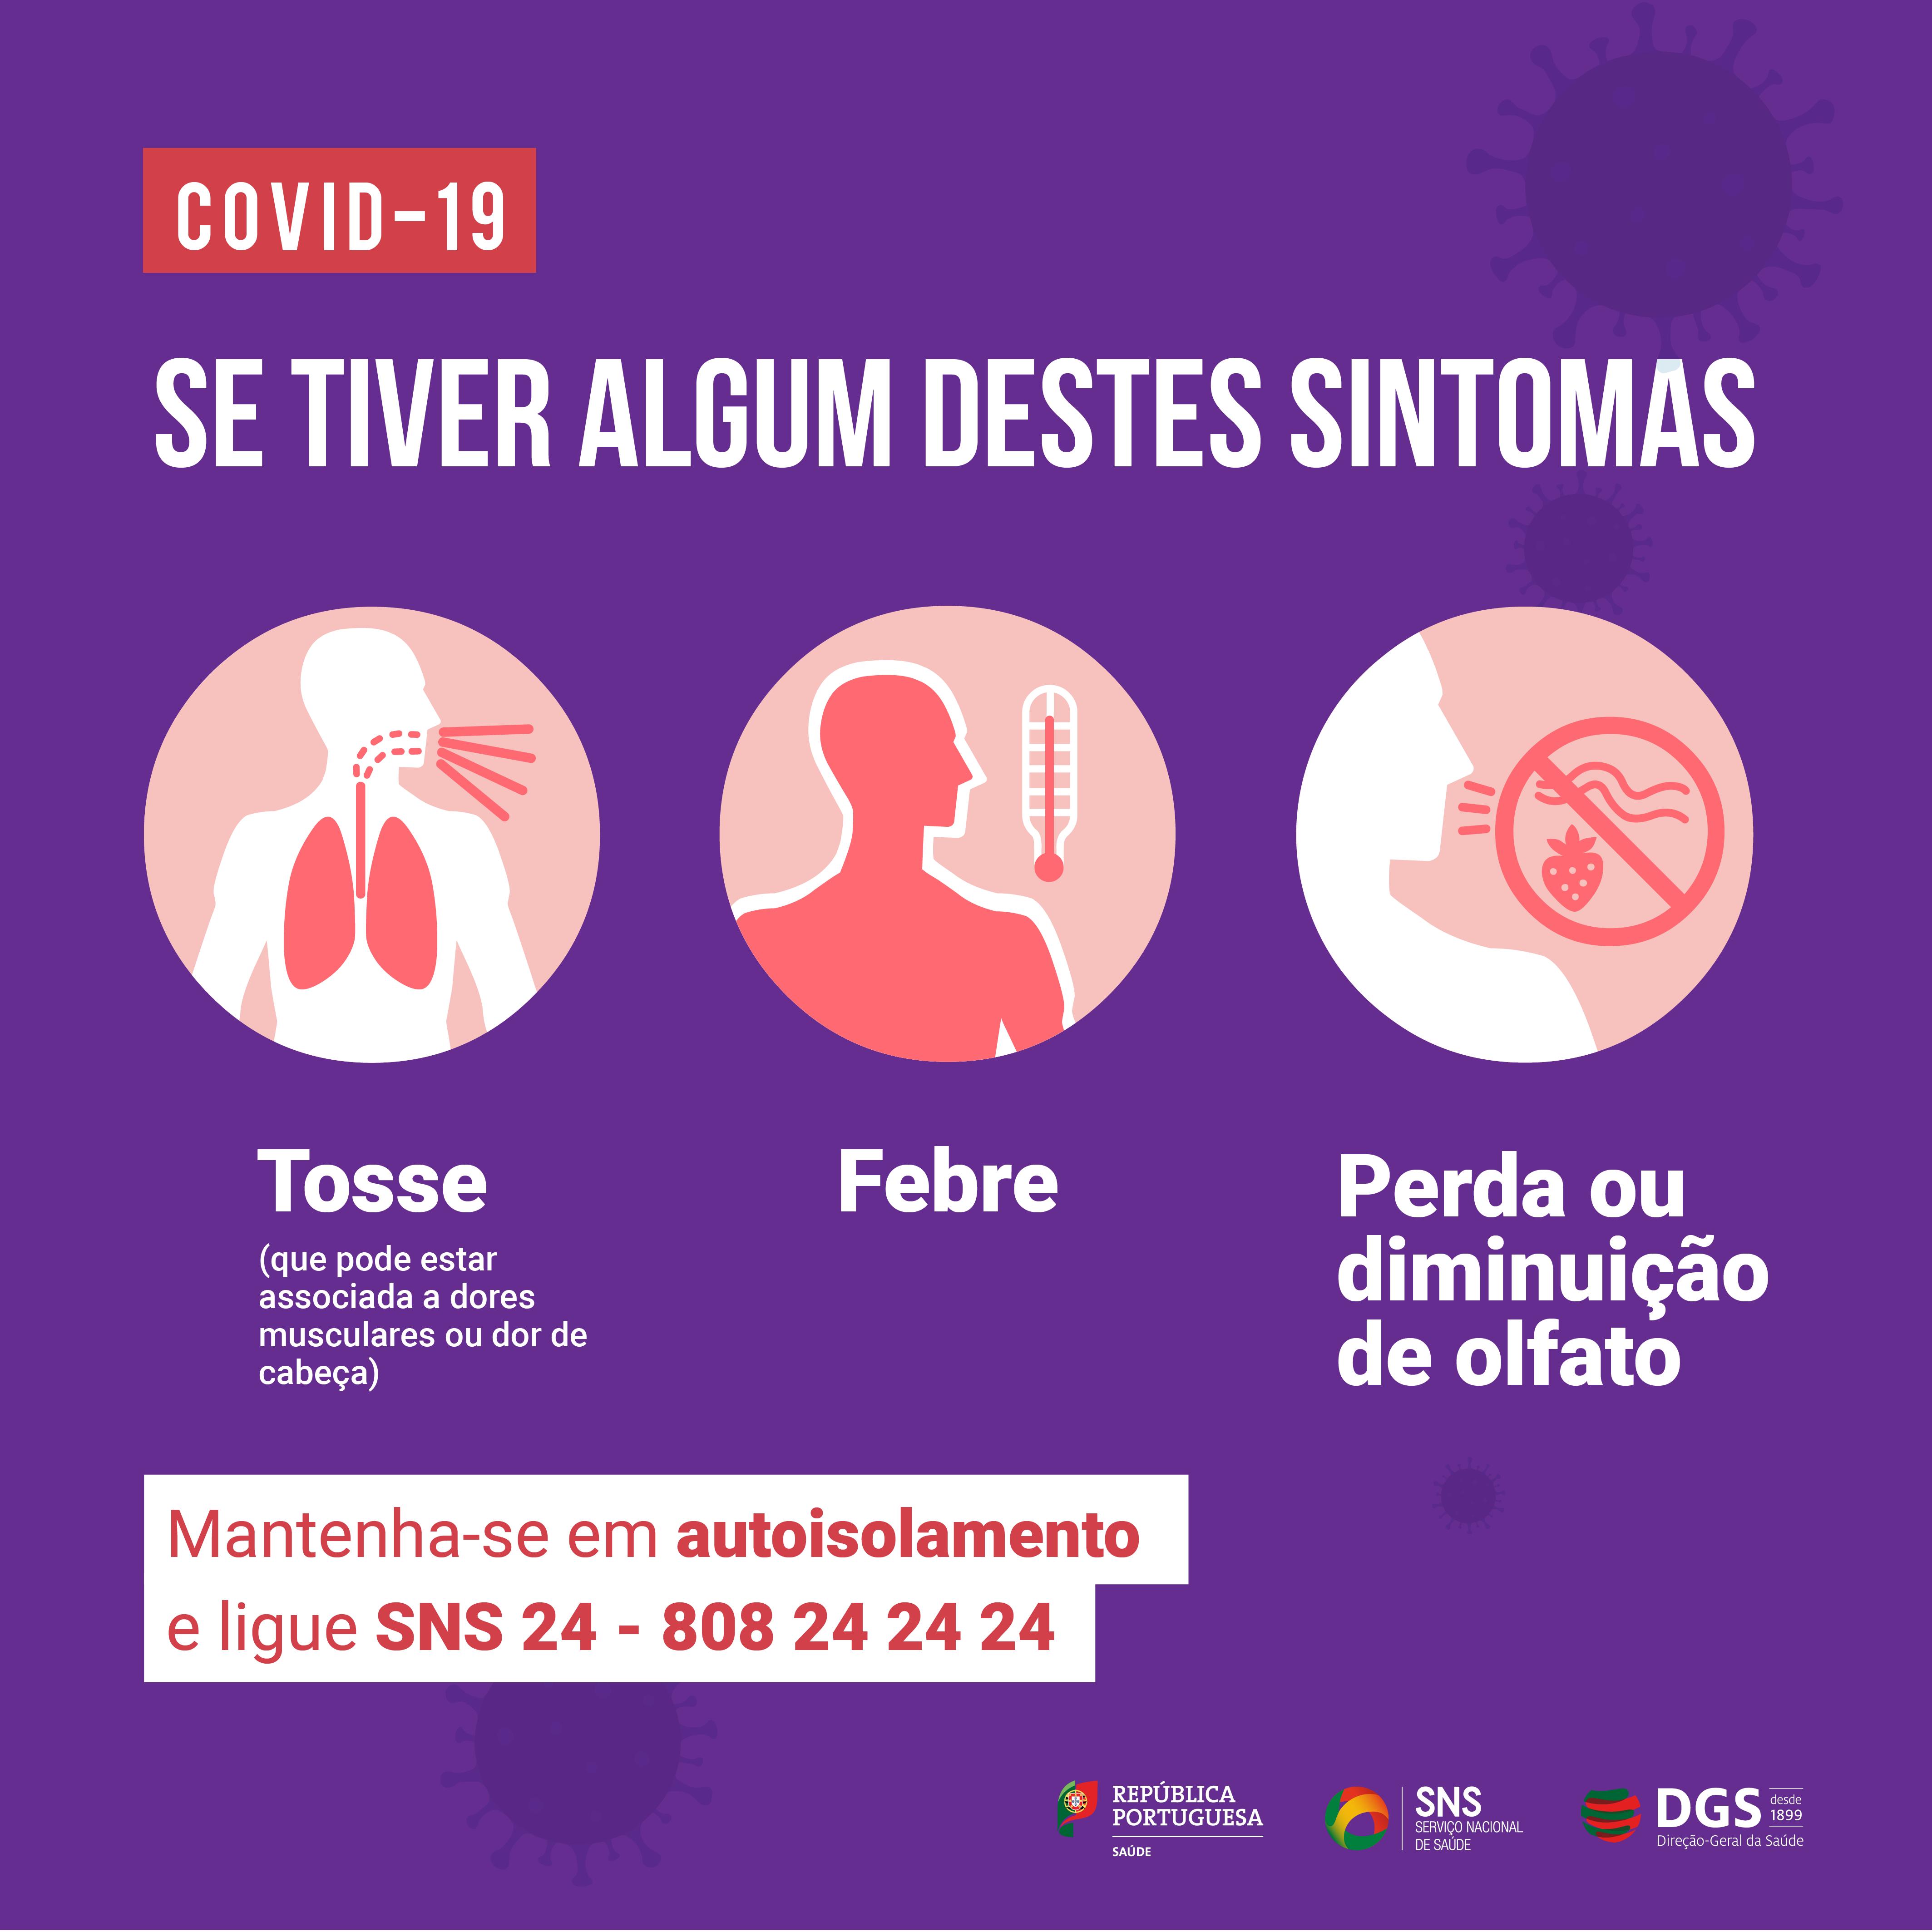 COVID 19 - Tenha atenção aos sintomas